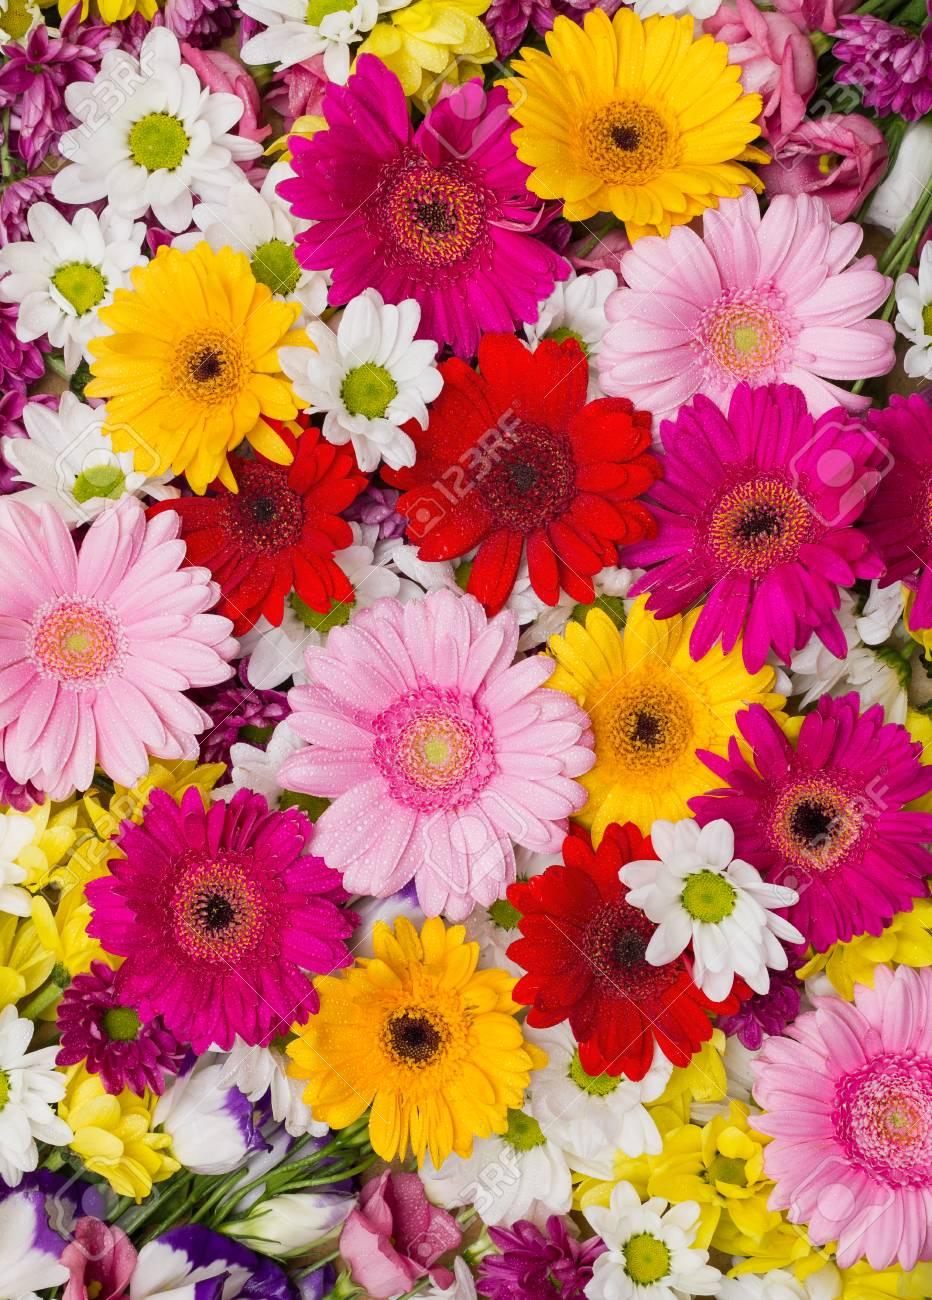 ガーベラと他の花は、白、黄色、赤、ピンクの花でカラフルな自然の背景画像として配置